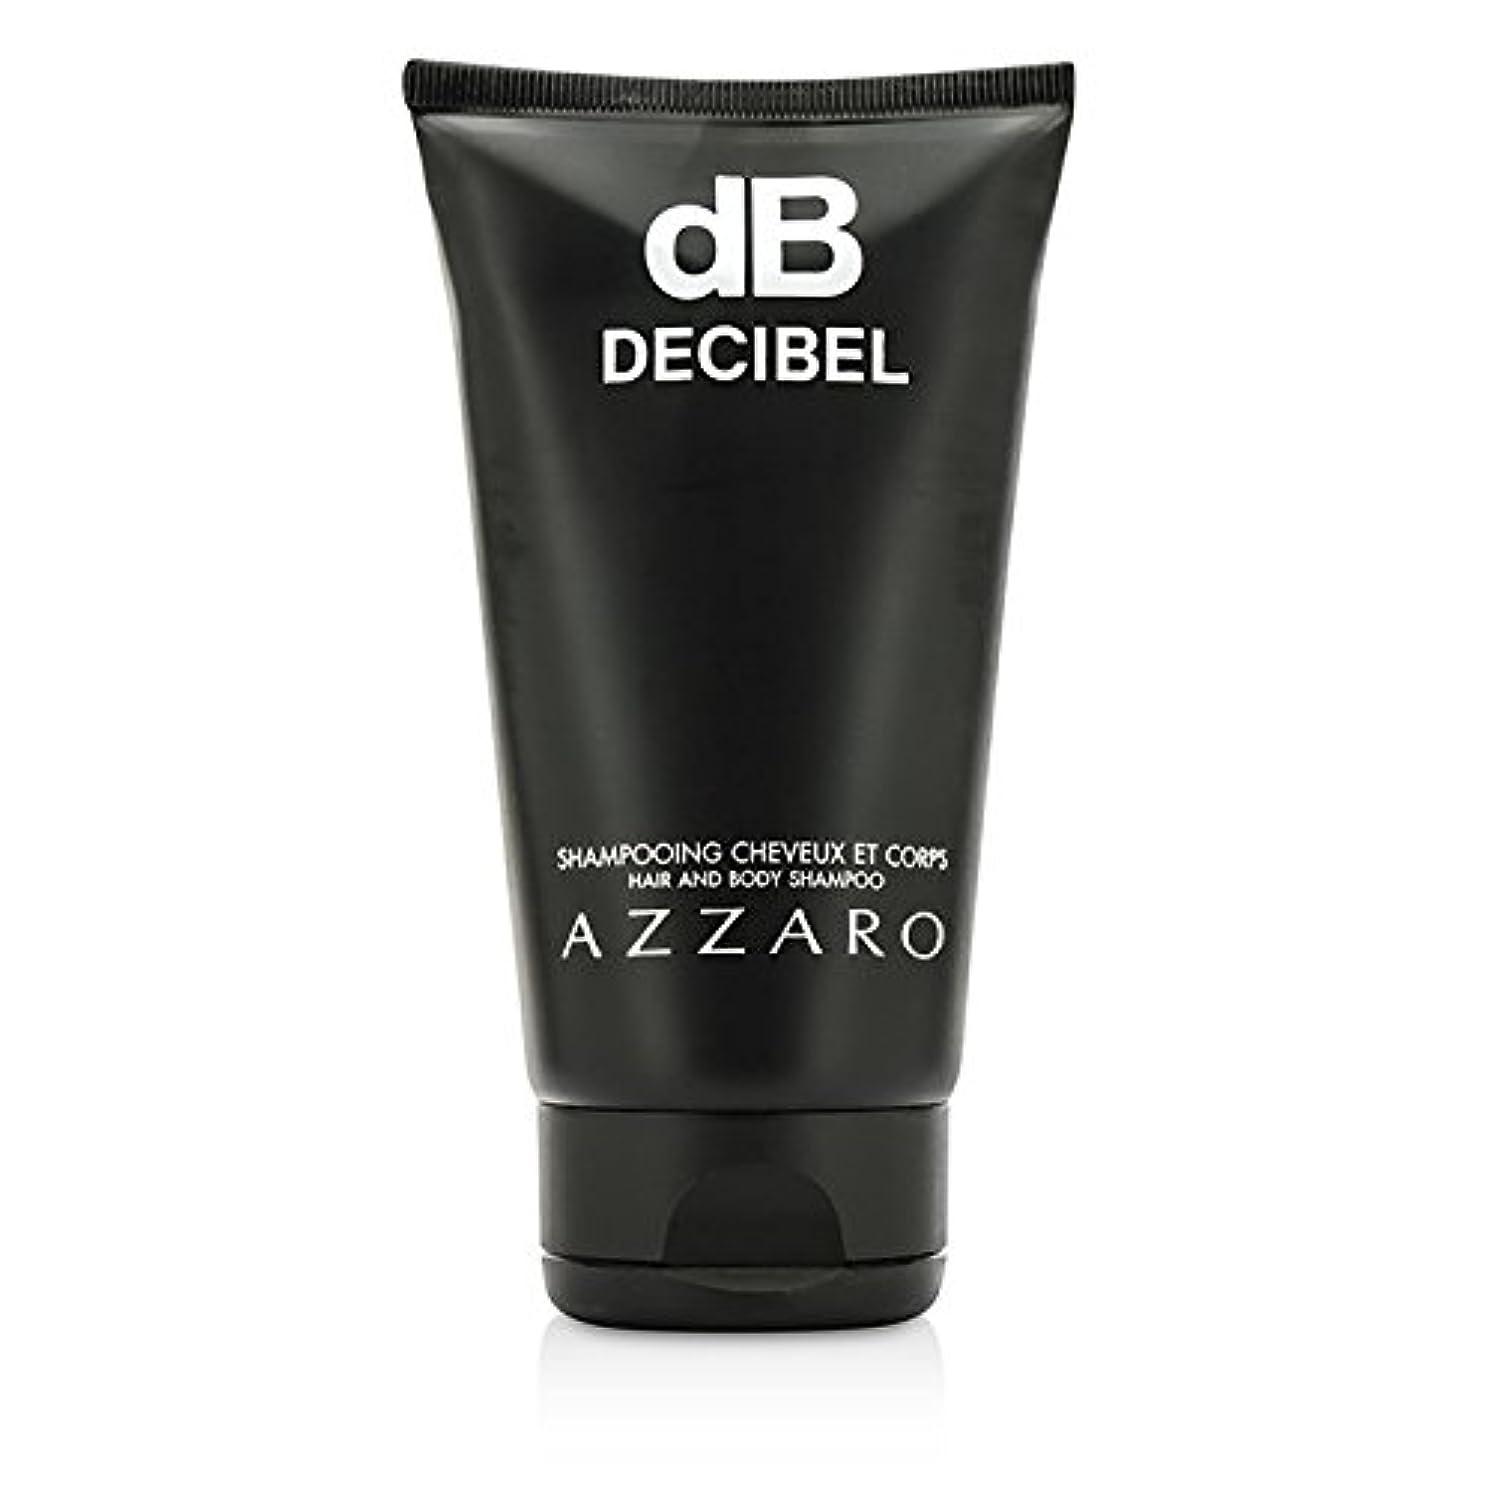 割り当てます降雨味付けロリス アザロ デシベルヘアー&ボディシャンプー 150ml/5oz(箱なし)